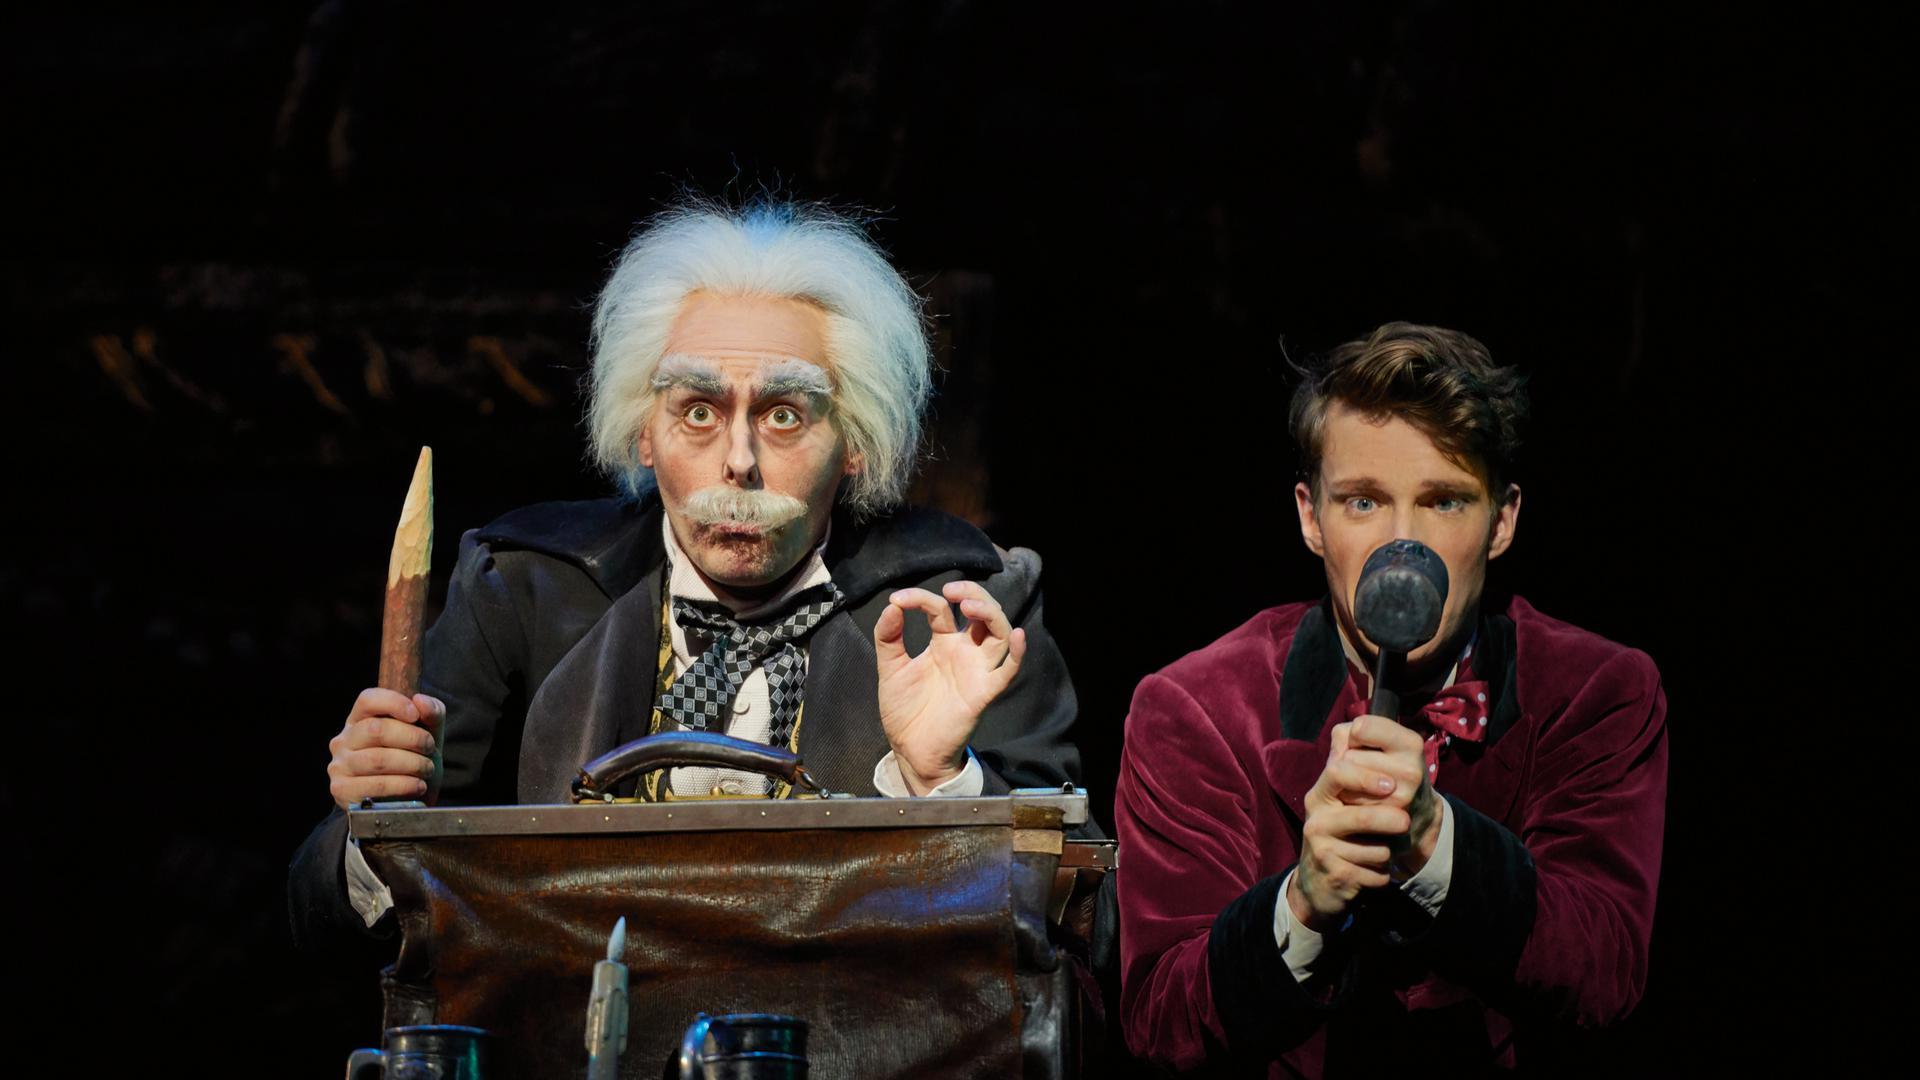 Mit Hang zur Logik und Pädagogik: Luc Steegers versucht als Professor Abronsius, seinen Studenten Alfred (Raphael Groß) zu erziehen.